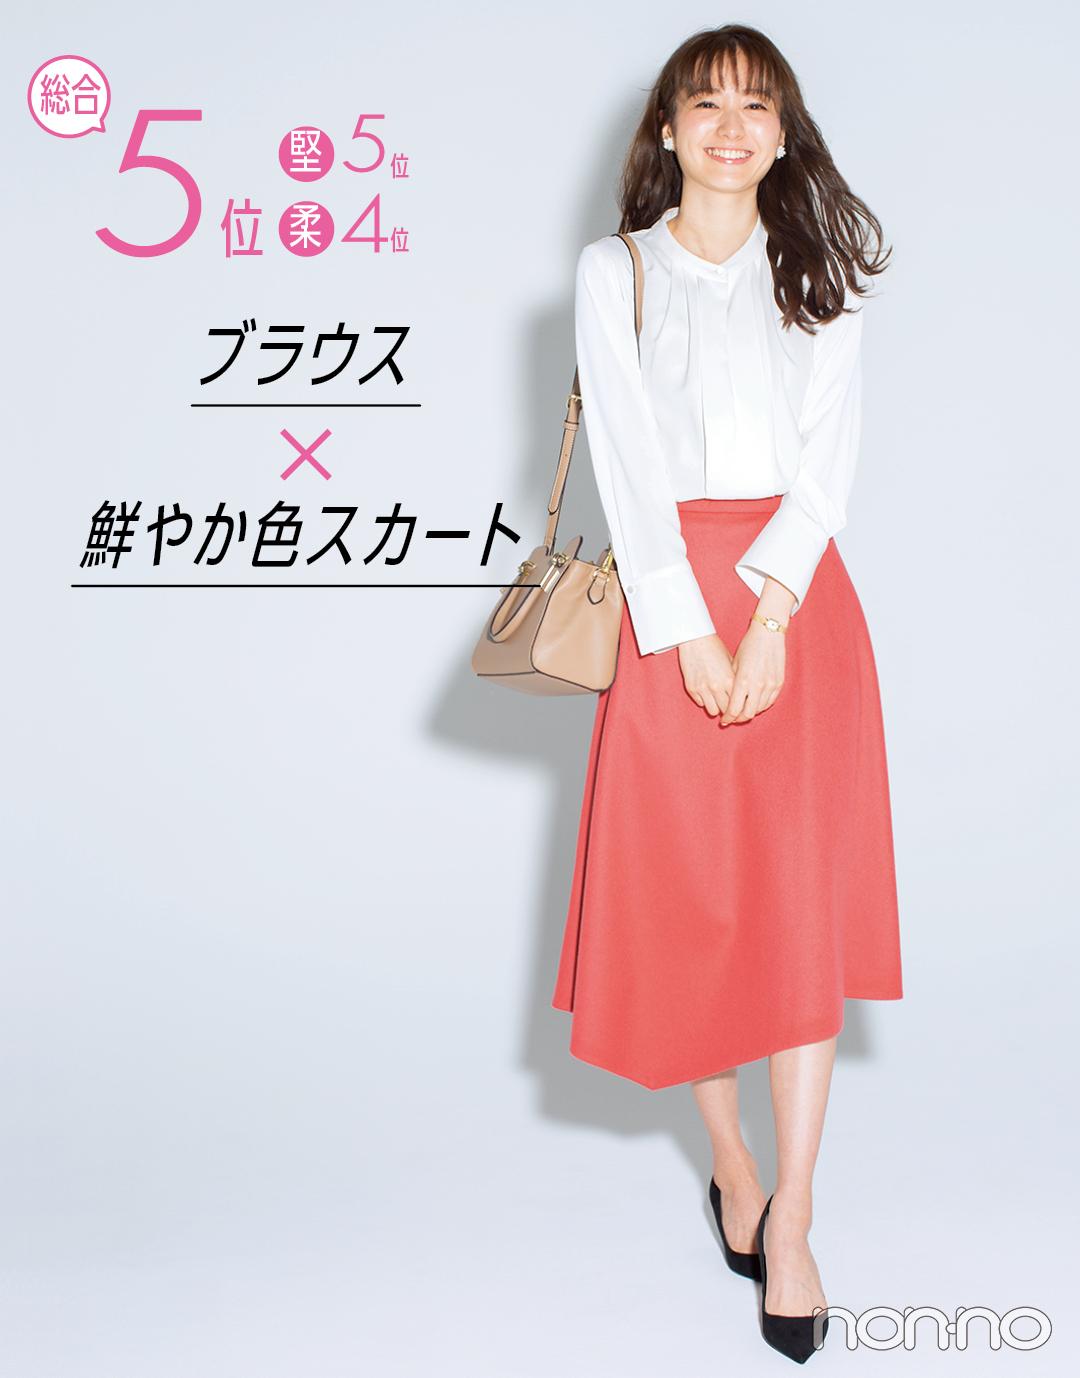 総合5位 ブラウス×鮮やか色スカート